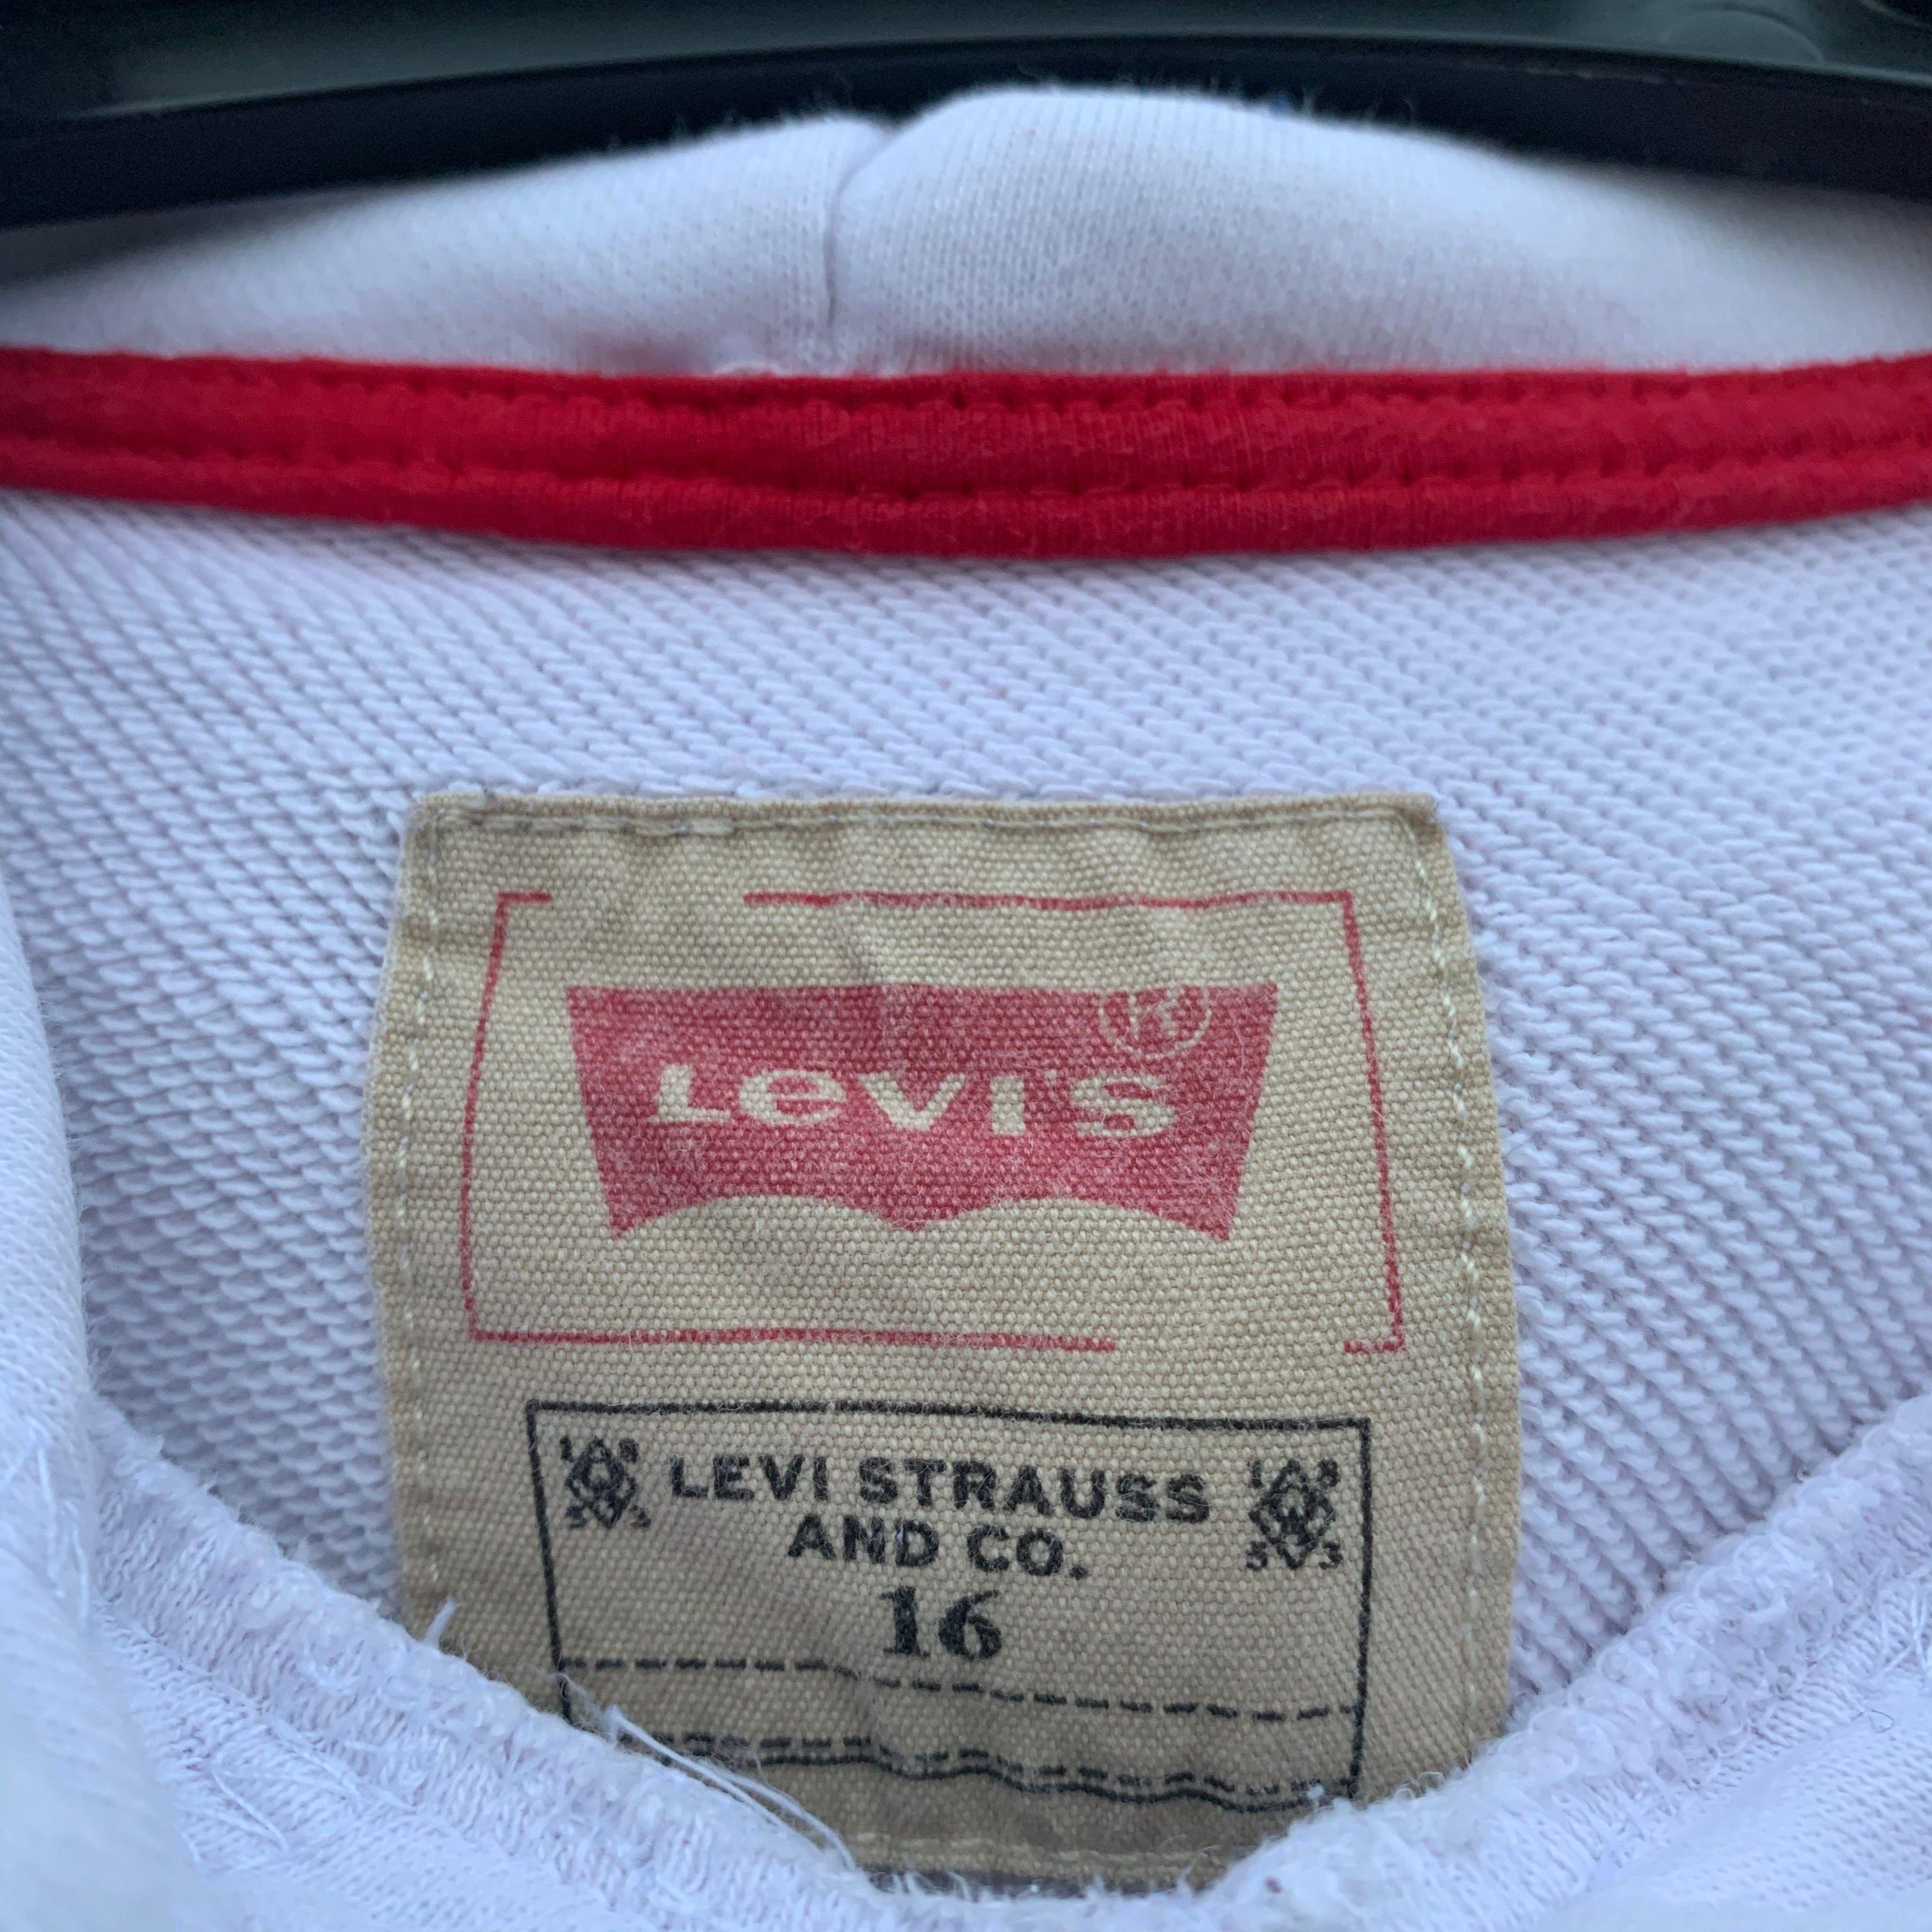 Lite urtvättad men syns knappt. Säljer pga för liten. Ett litet hål som knappt syns vid vänster hand. Annars är tröjan superfin. Köpt för 600kr men säljer för 300kr.. Huvtröjor & Träningströjor.